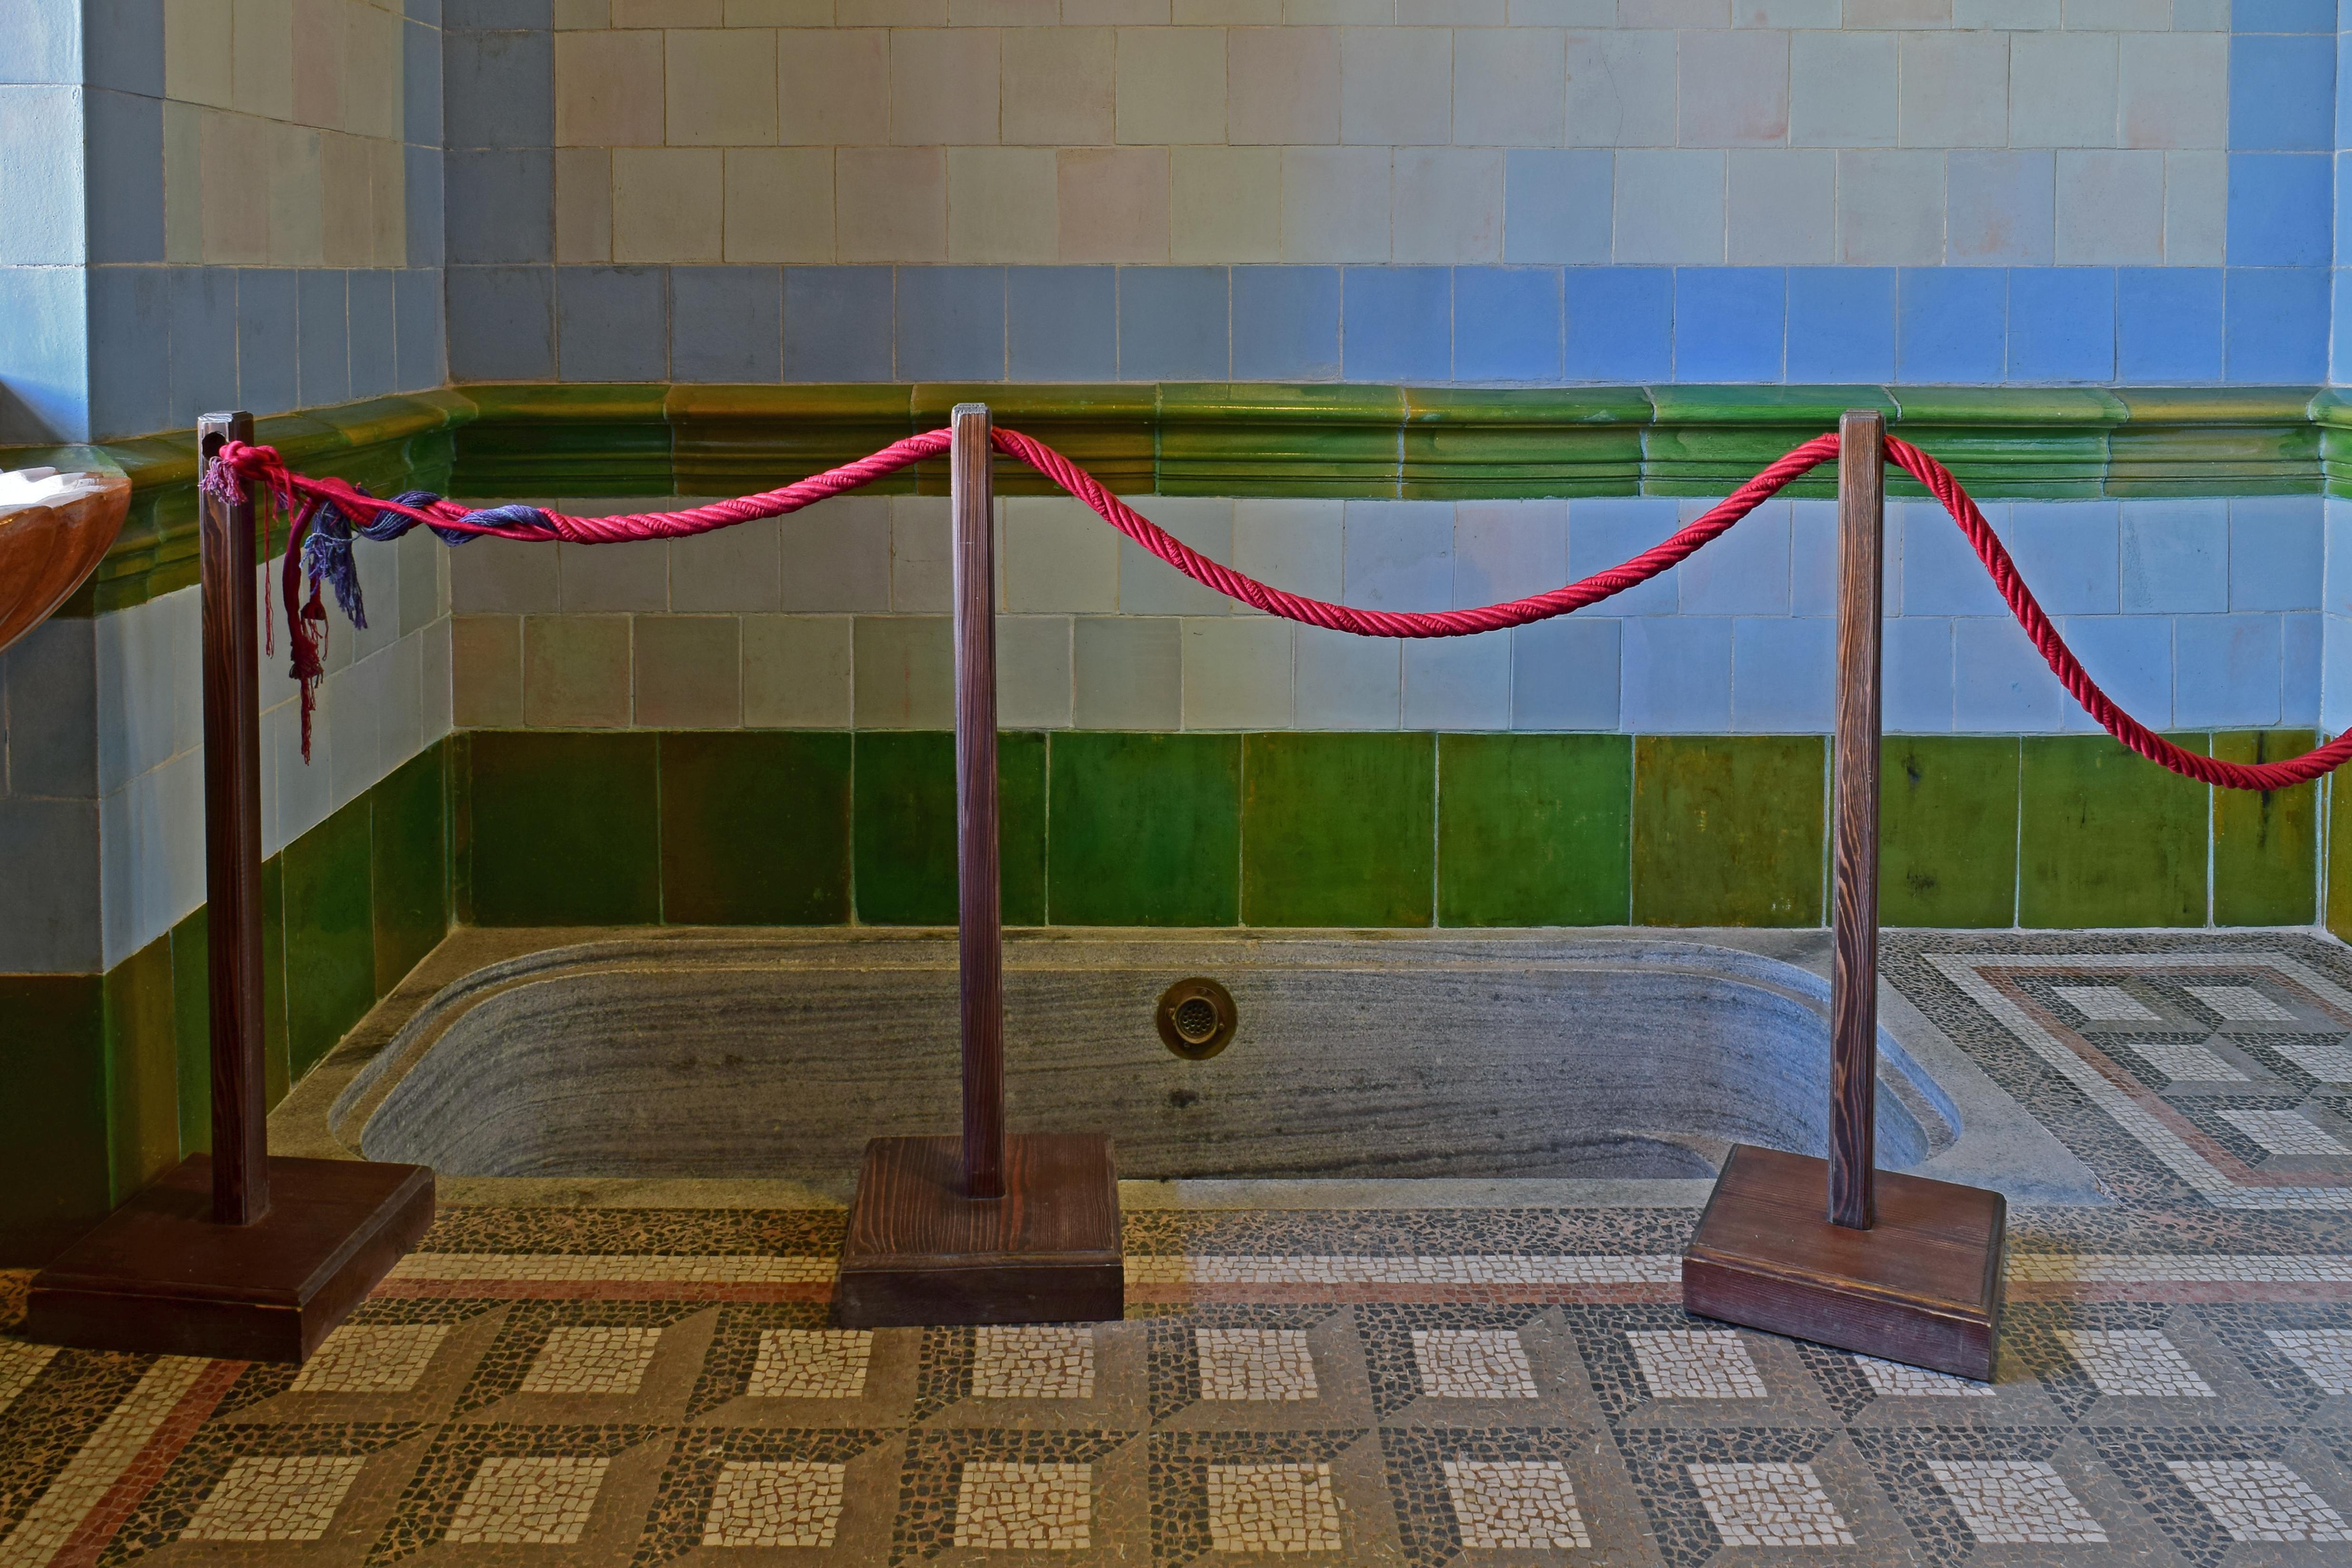 Anspruchsvoll Badezimmer Badewanne Beste Wahl File:schloss Grafenegg - - Badewanne.jpg